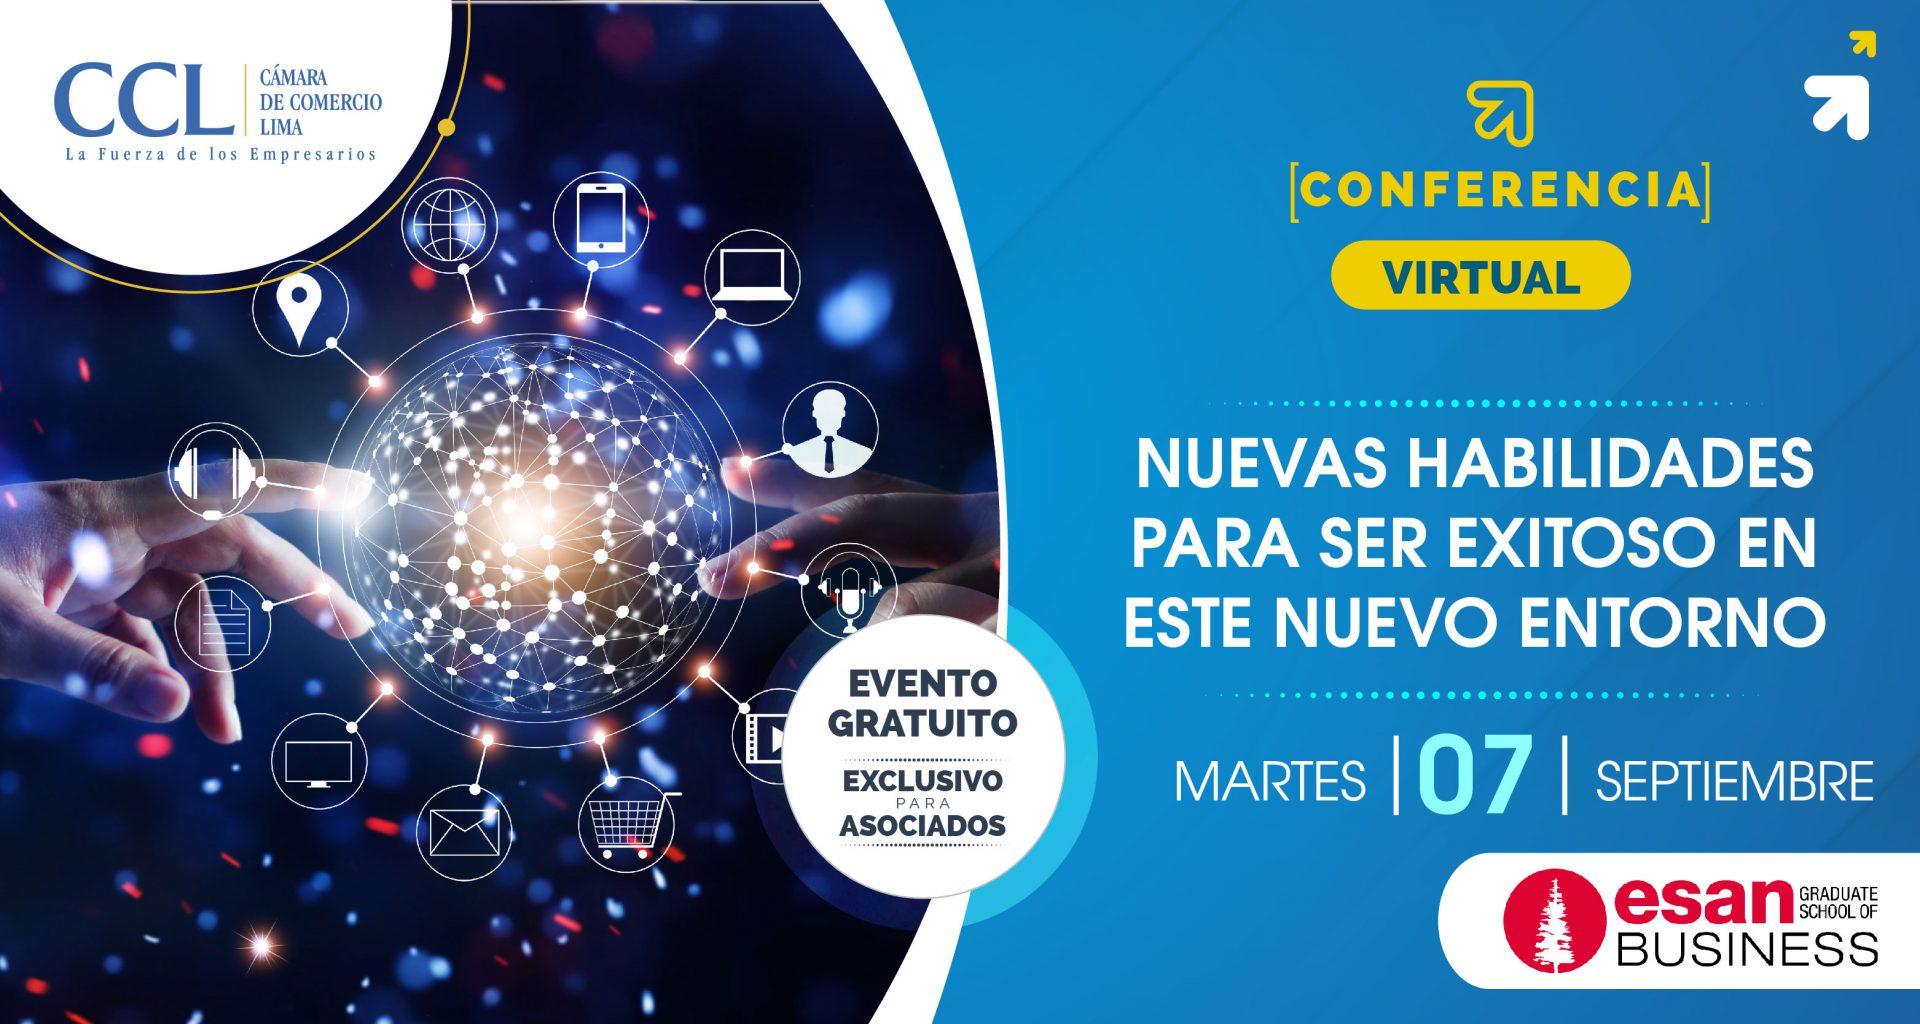 Conferencia ESAN Virtual: Nuevas habilidades para ser exitoso en este nuevo entorno